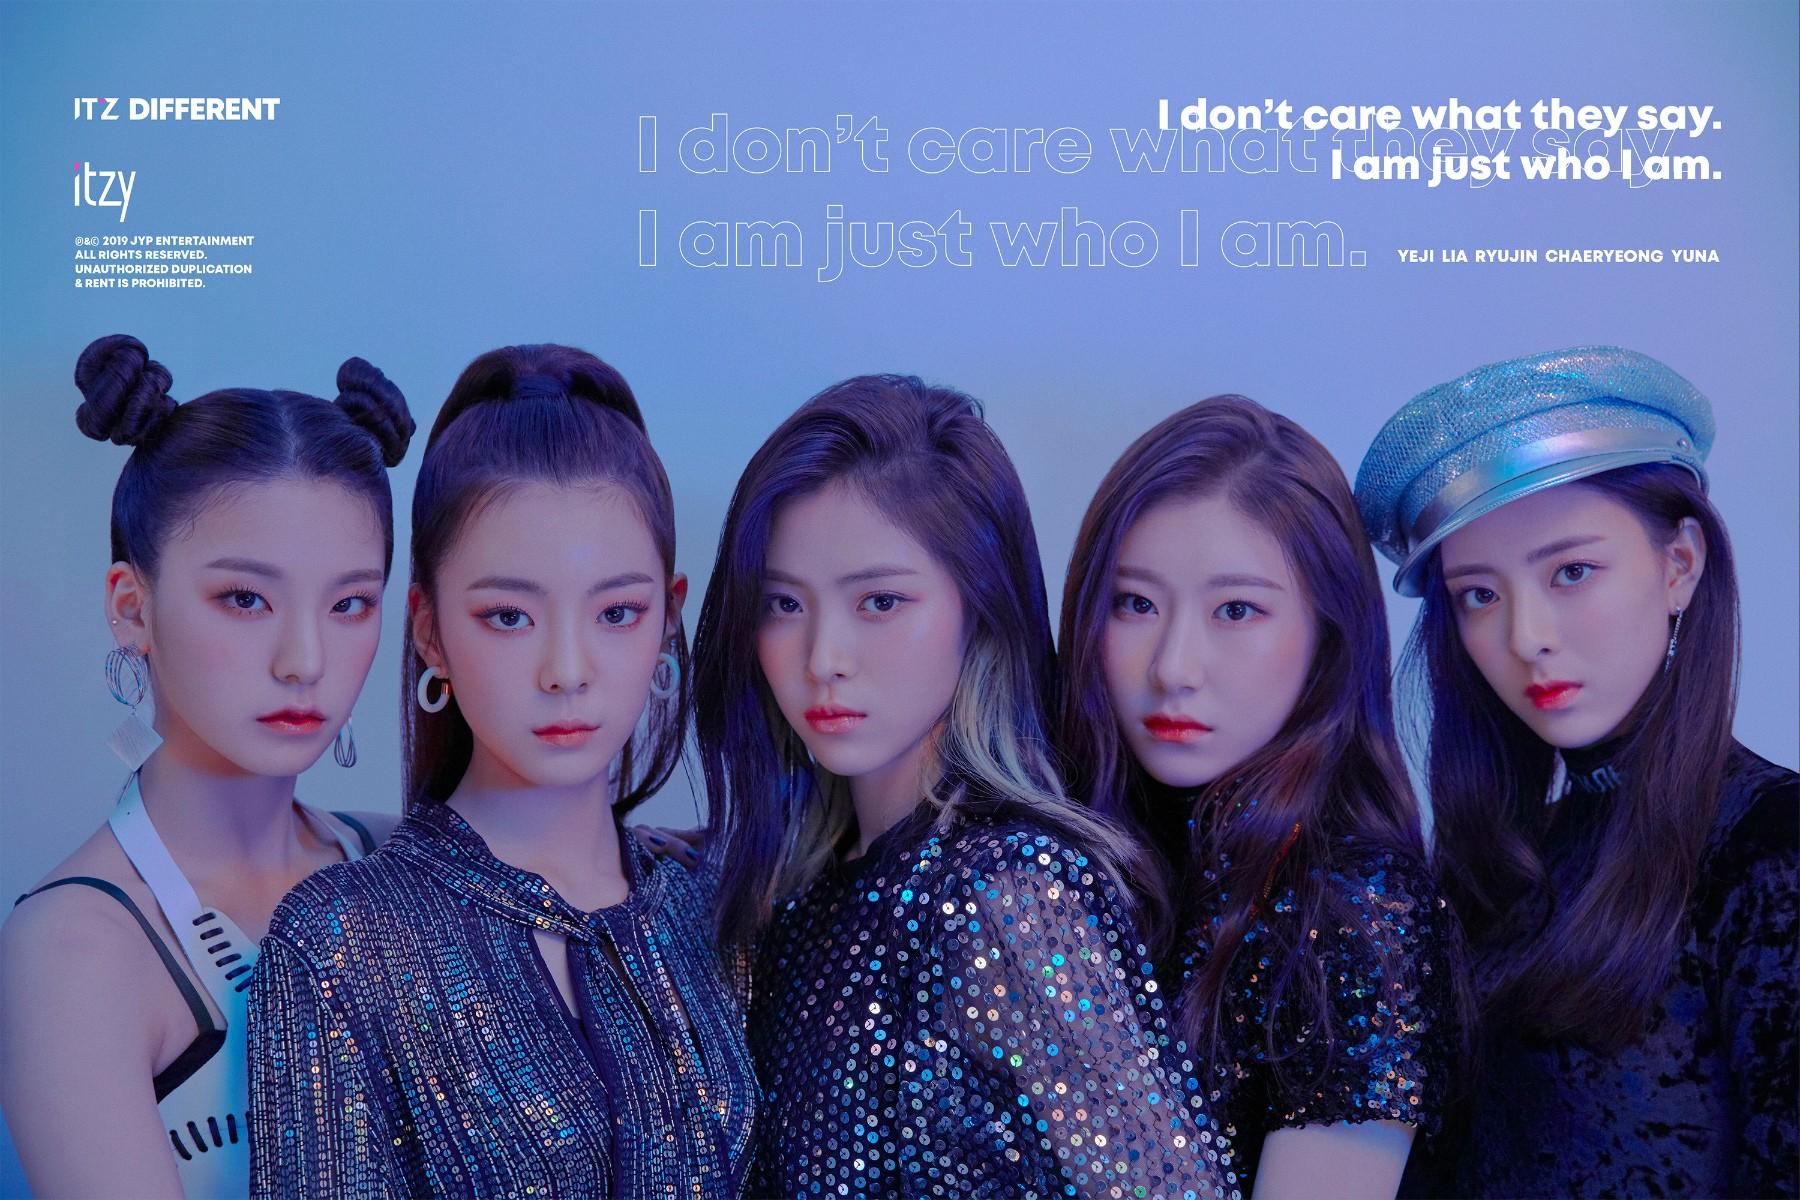 걸그룹 명가' JYP 트와이스 다음 있지? ITZY